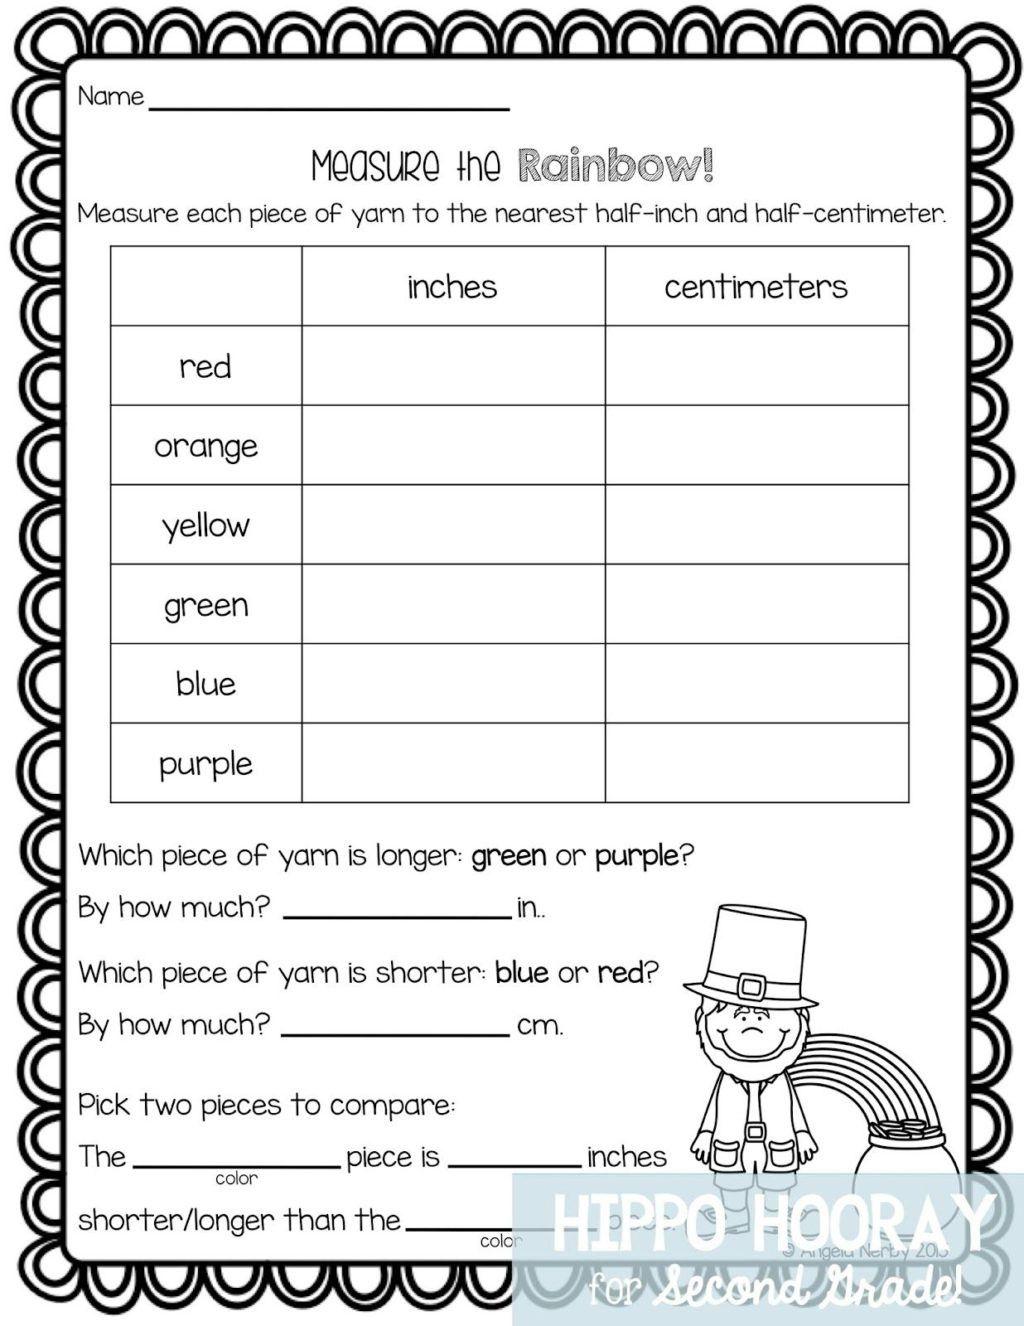 Measurement Worksheet 2nd Grade In 2020 Measurement Worksheets Math Freebie 2nd Grade Math Worksheets